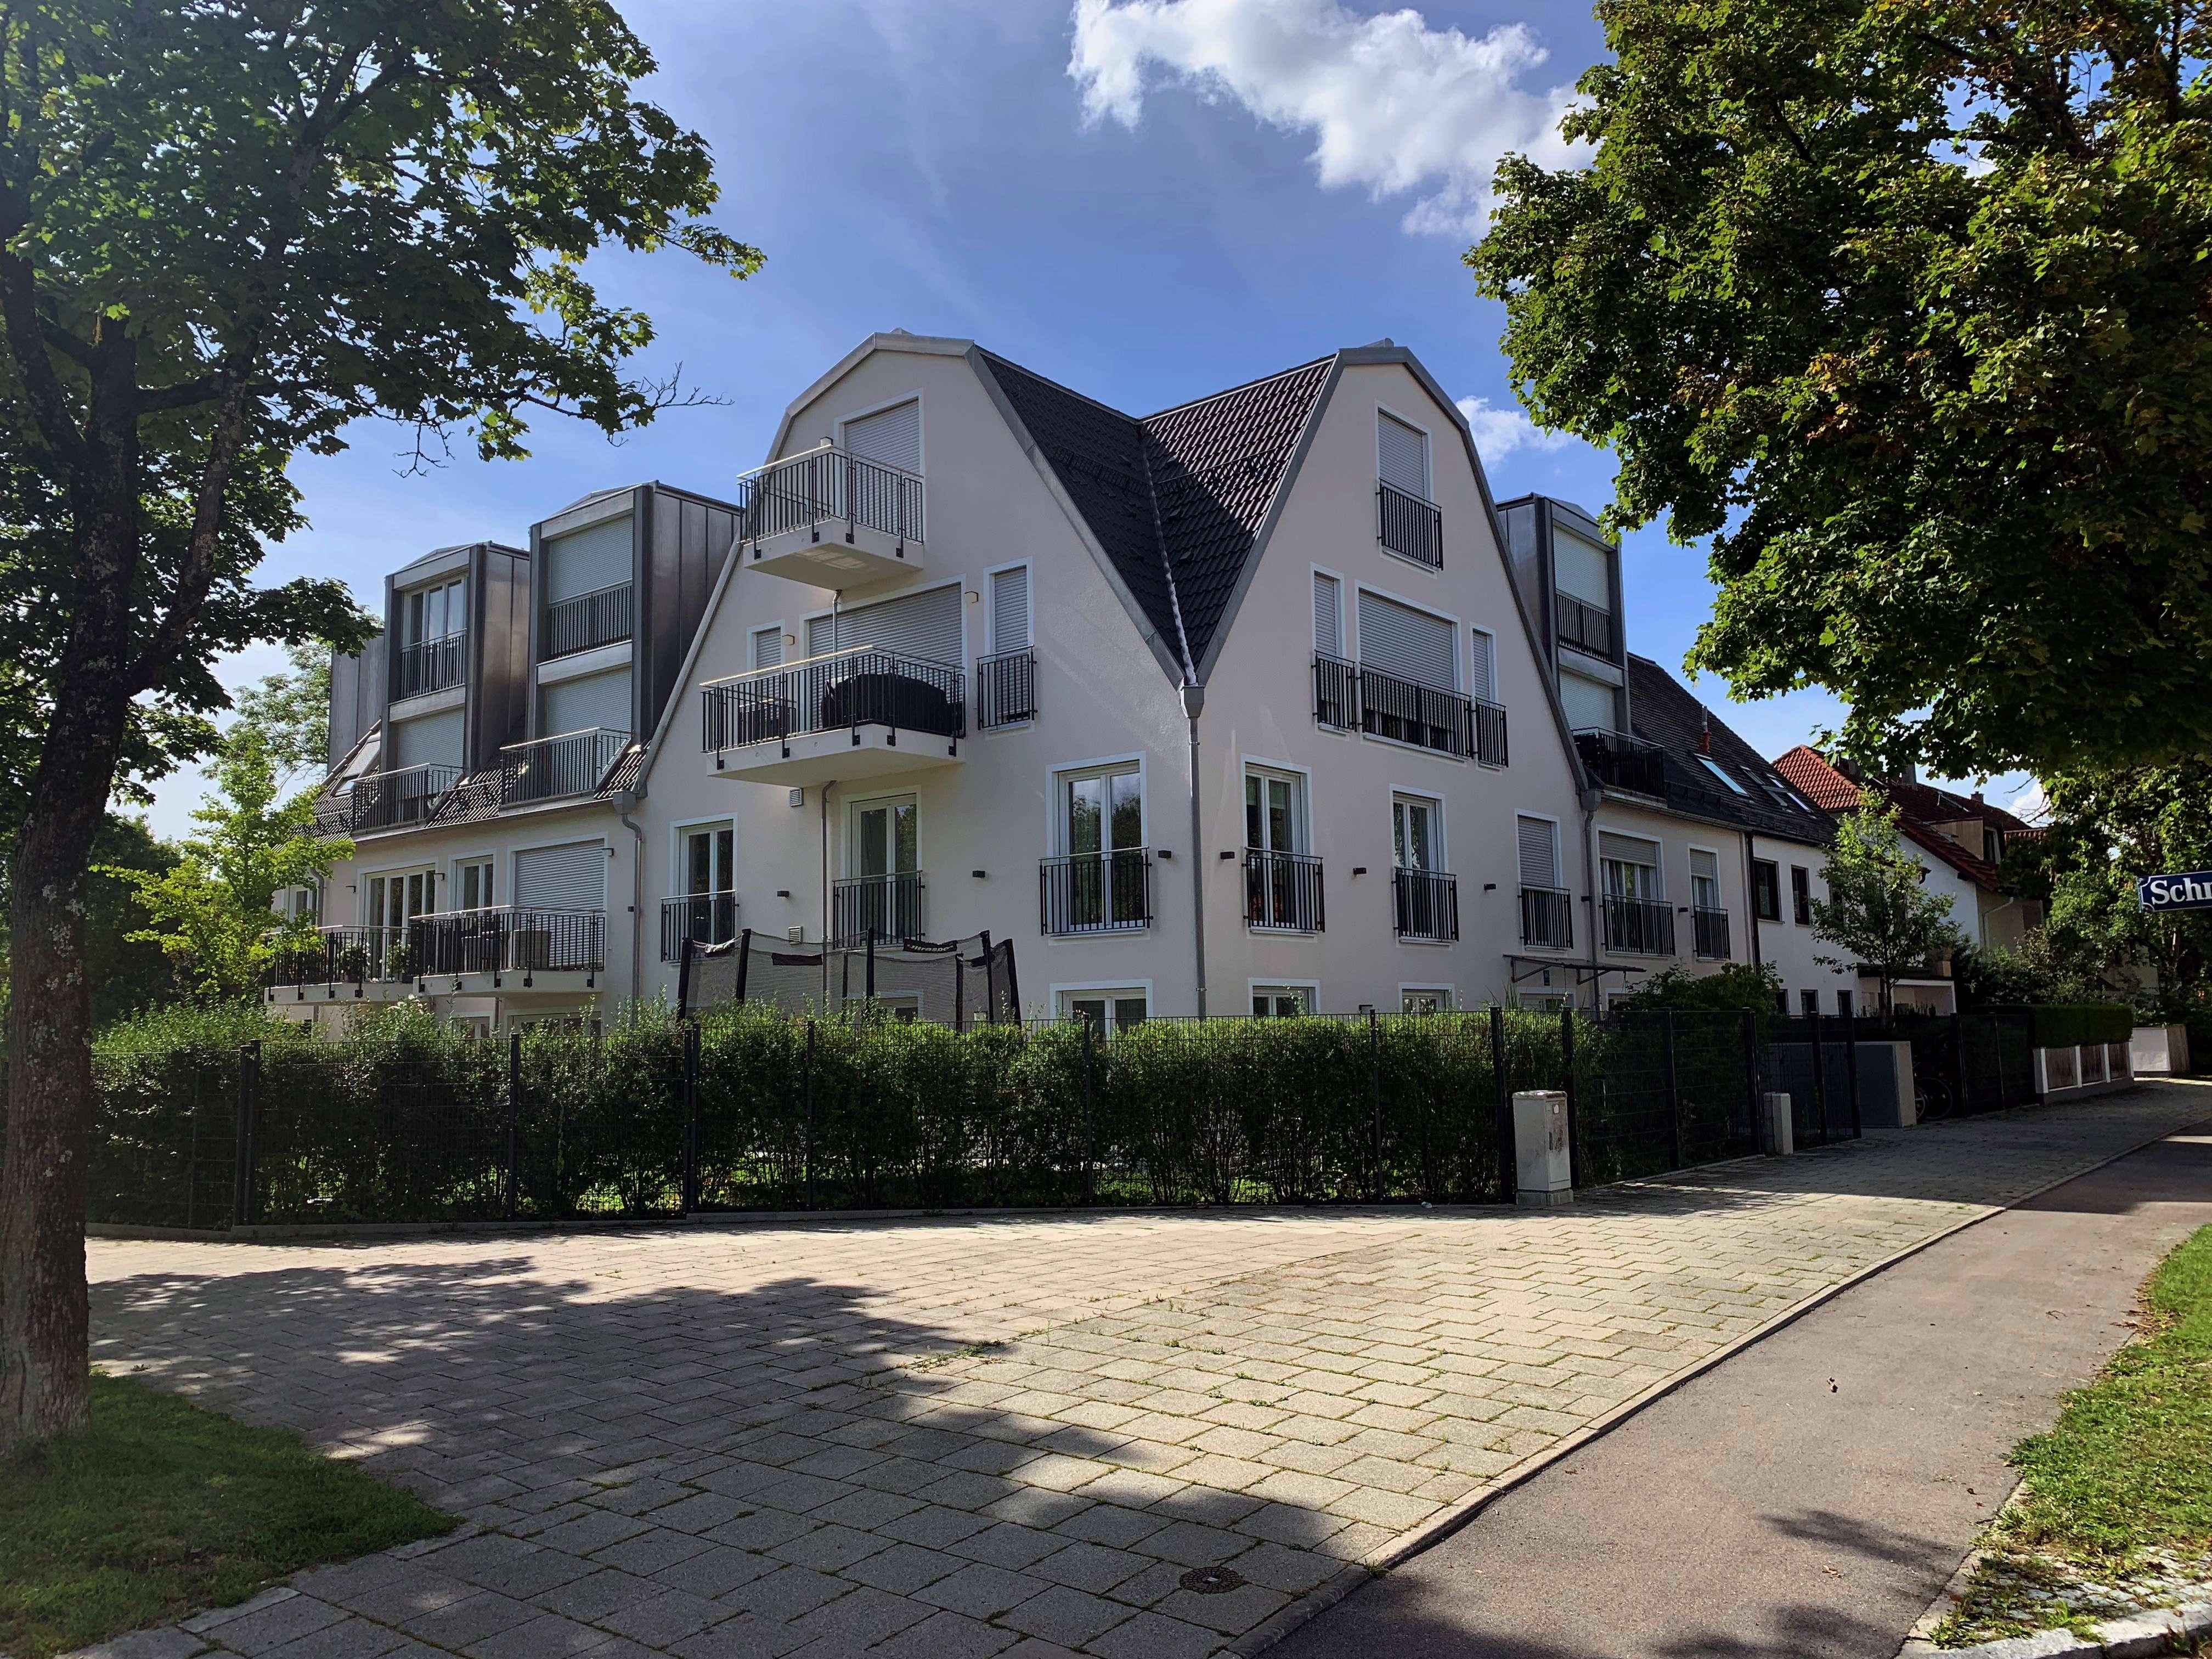 Wunderschöne Dachgeschosswohnung, 75 m², 2 Zimmer, KfW70, Zweitbezug in Perlach (München)